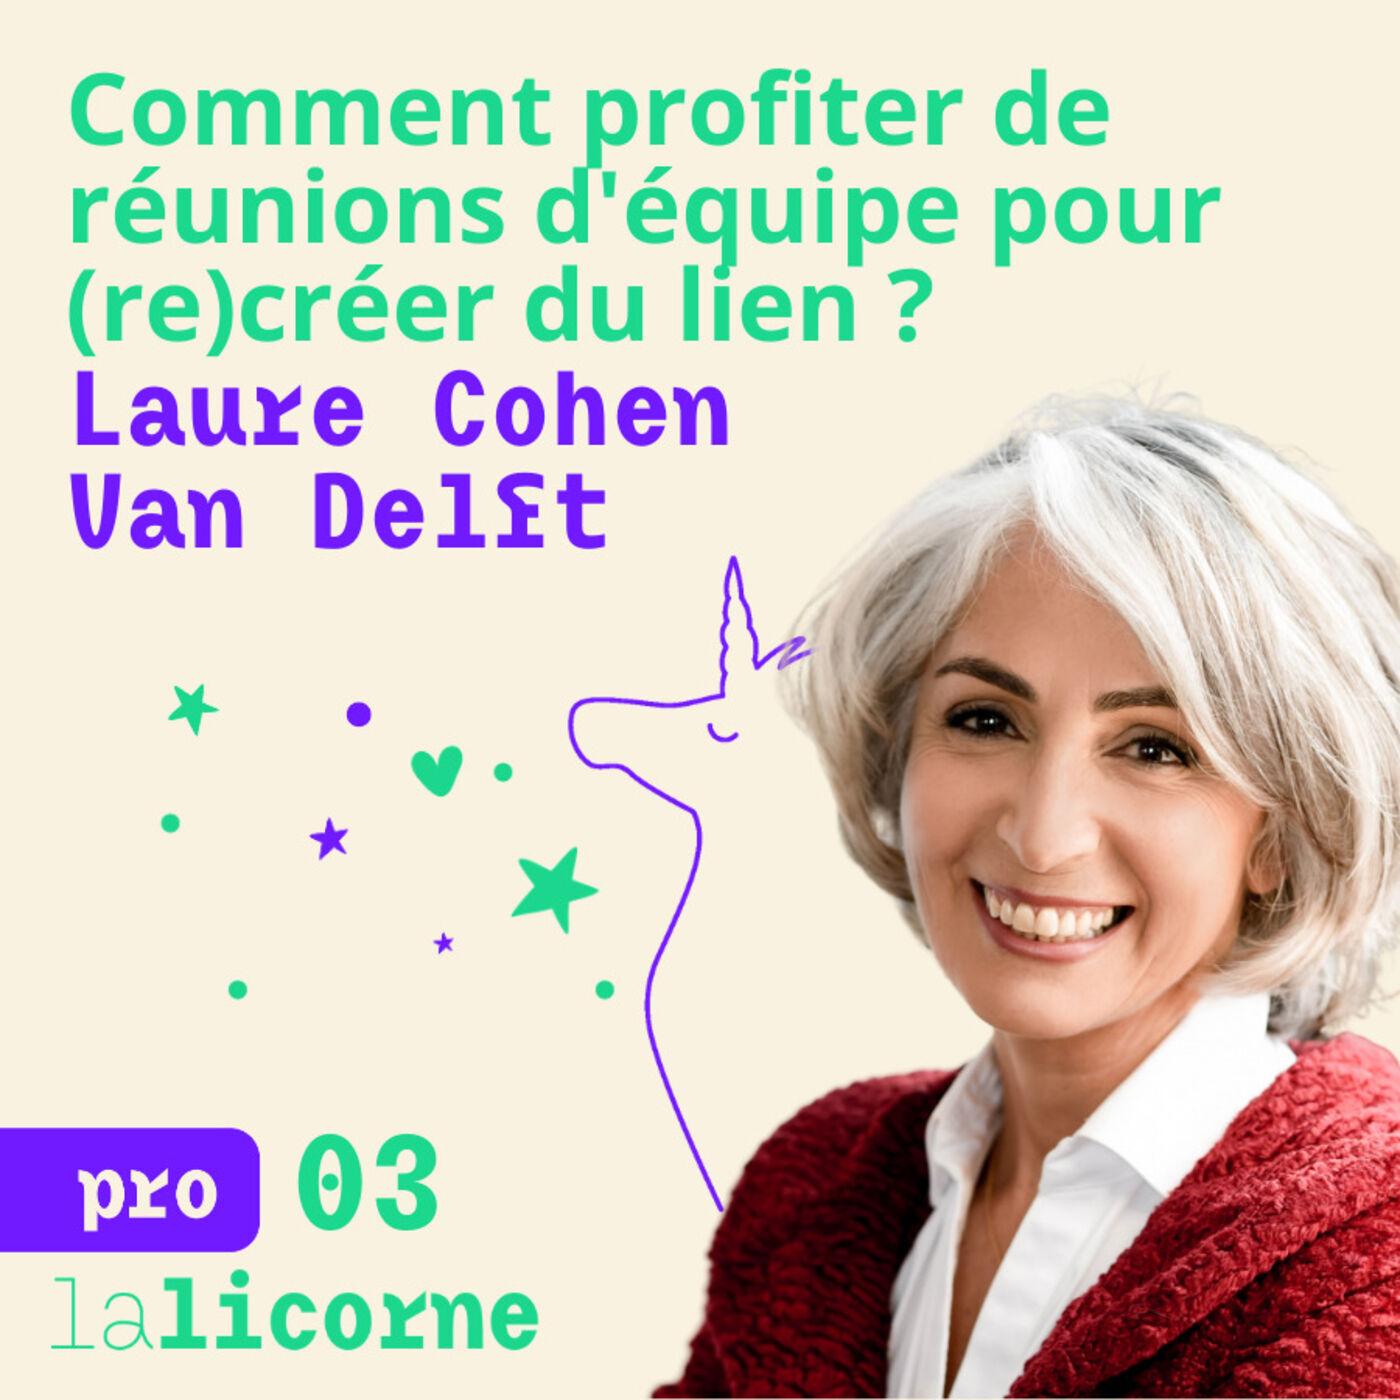 Episode 3 - Pro ⭐️ Laure Cohen Van Delft - Comment profiter de réunions d'équipe pour (re)créer du lien